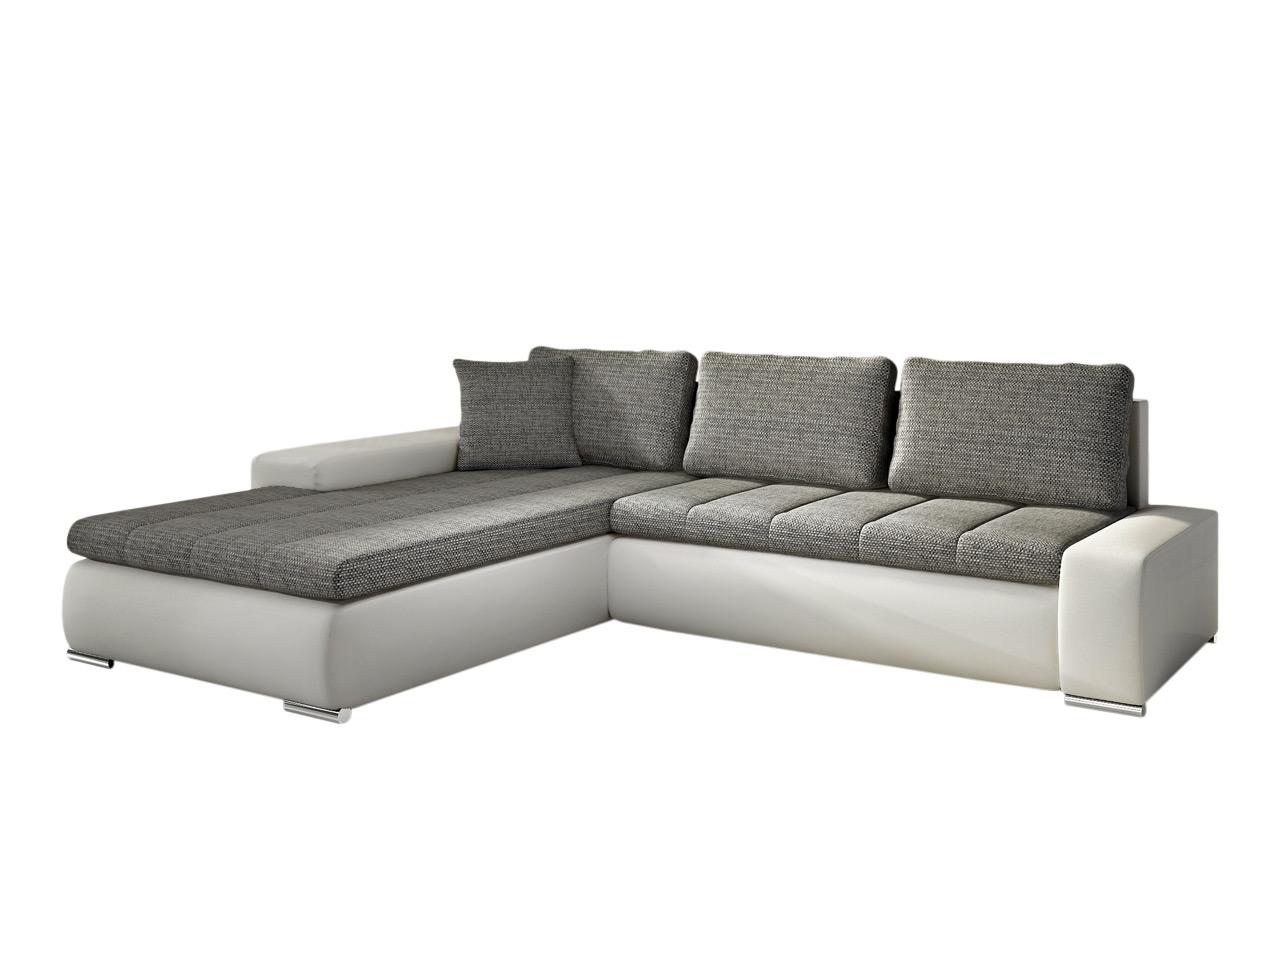 sofa cora mini eckcouch sofagarnitur sofa cora mini mit. Black Bedroom Furniture Sets. Home Design Ideas